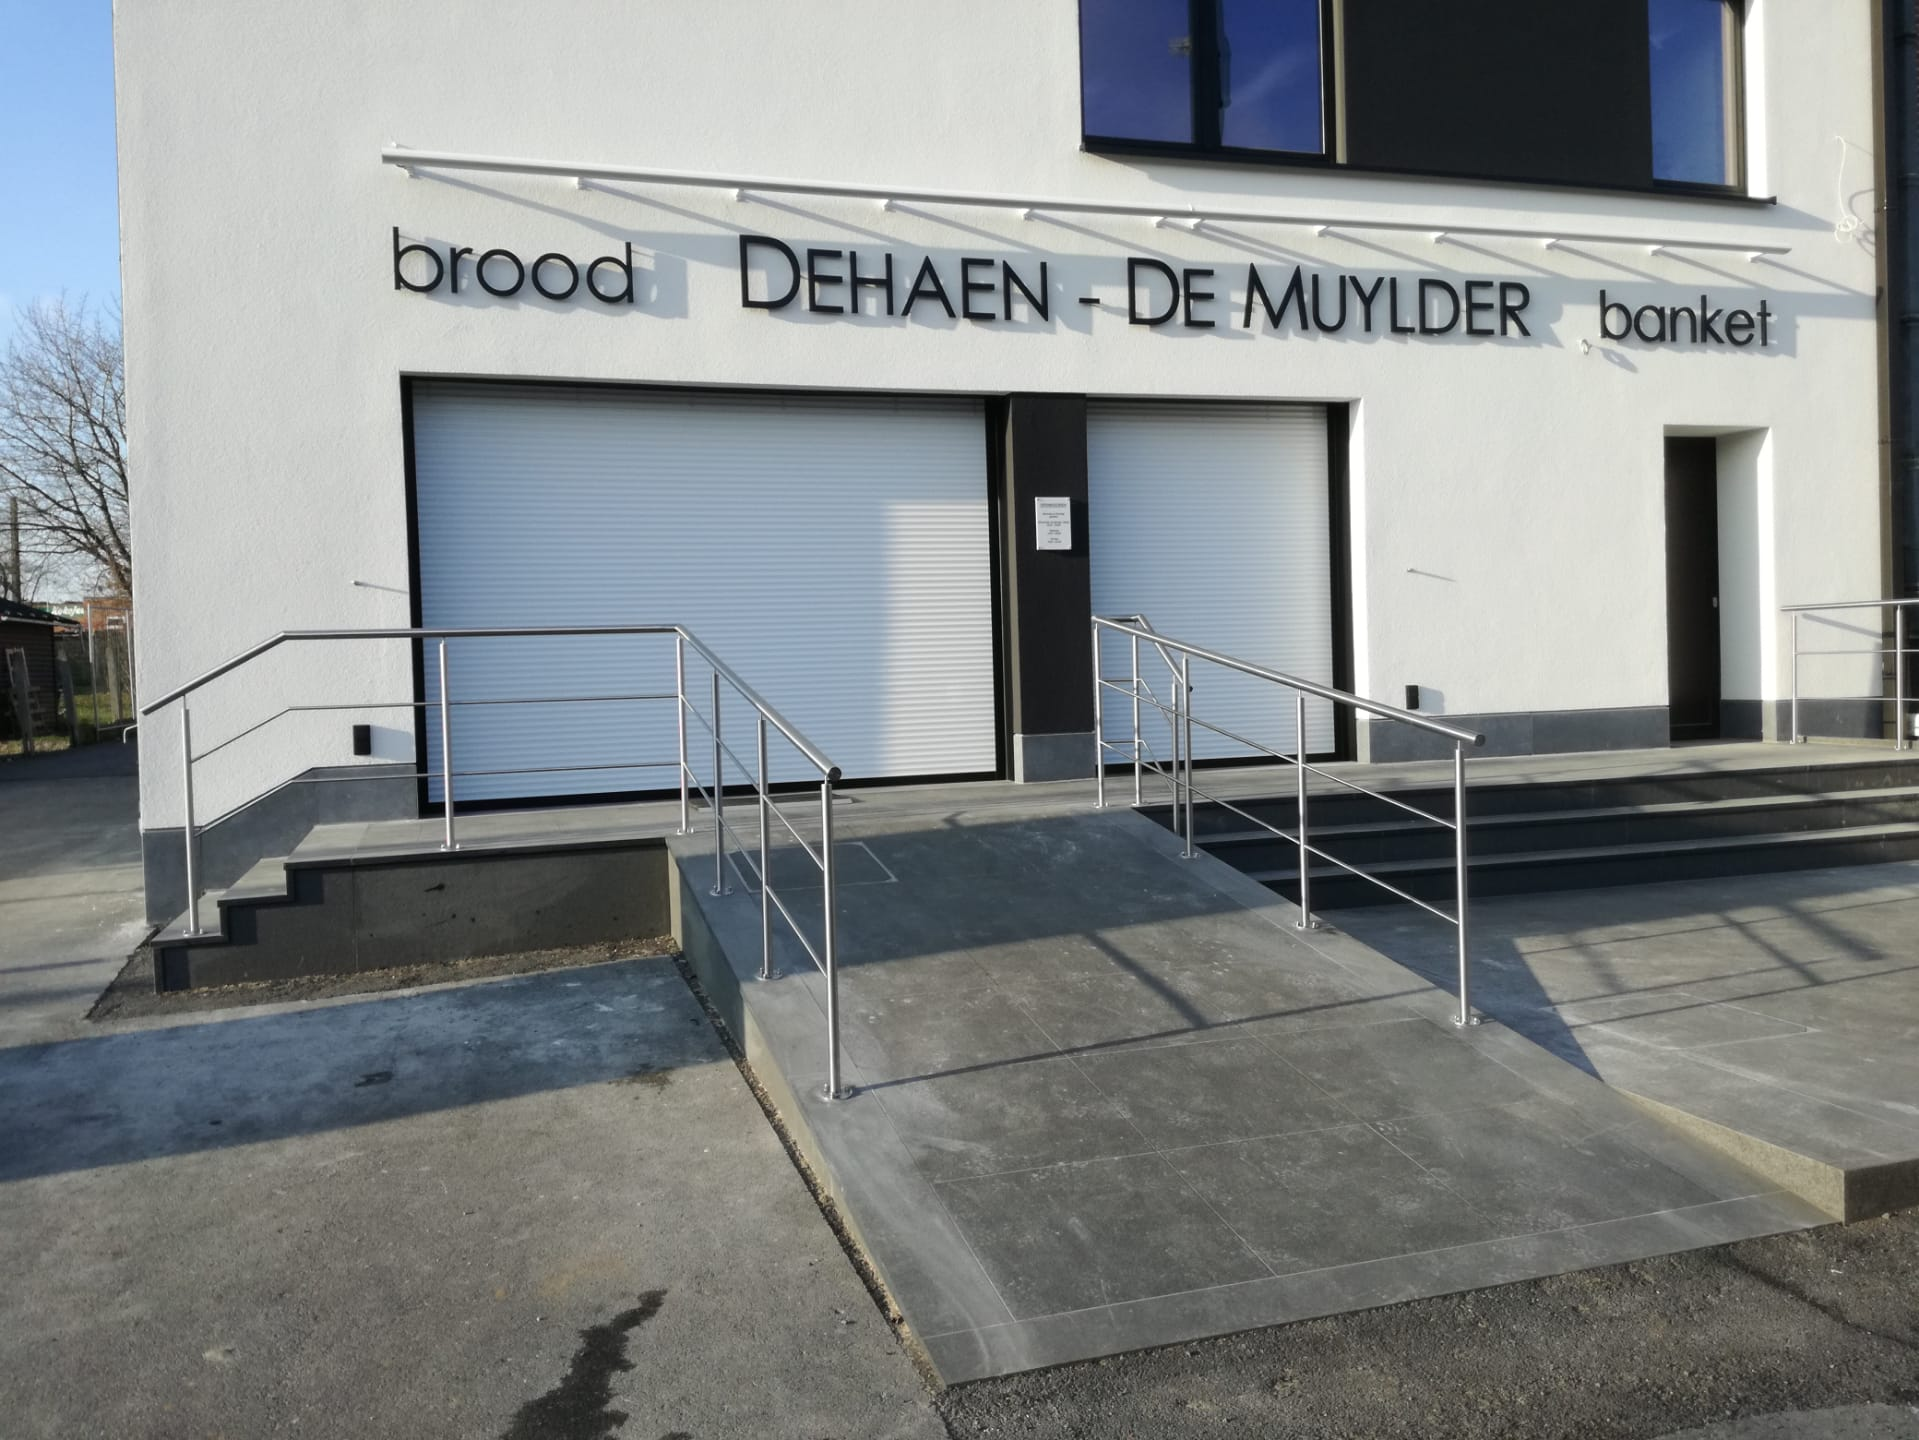 Nieuw project: leuning toegang bakkerij Dehaen - De Muylder